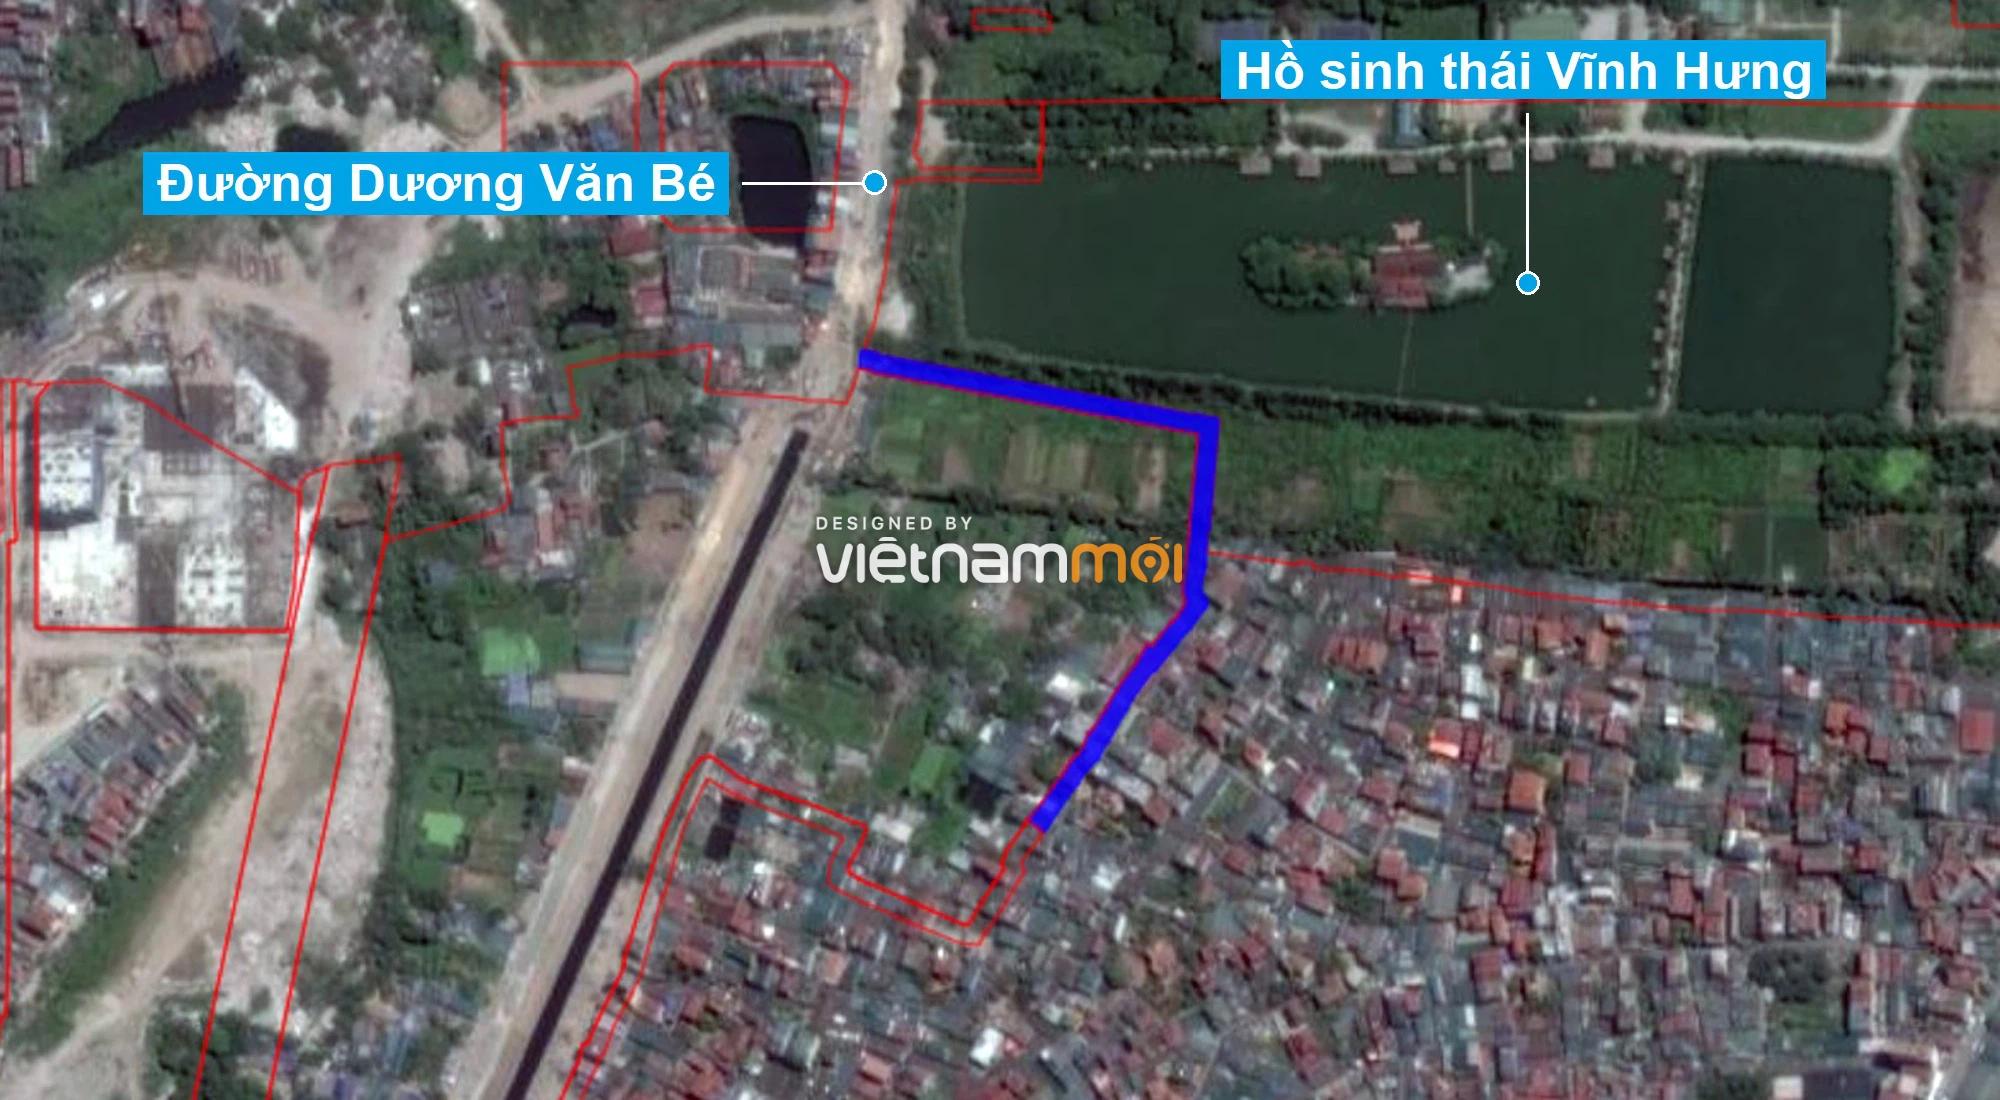 Những khu đất sắp thu hồi để mở đường ở quận Hoàng Mai, Hà Nội (phần 3) - Ảnh 16.